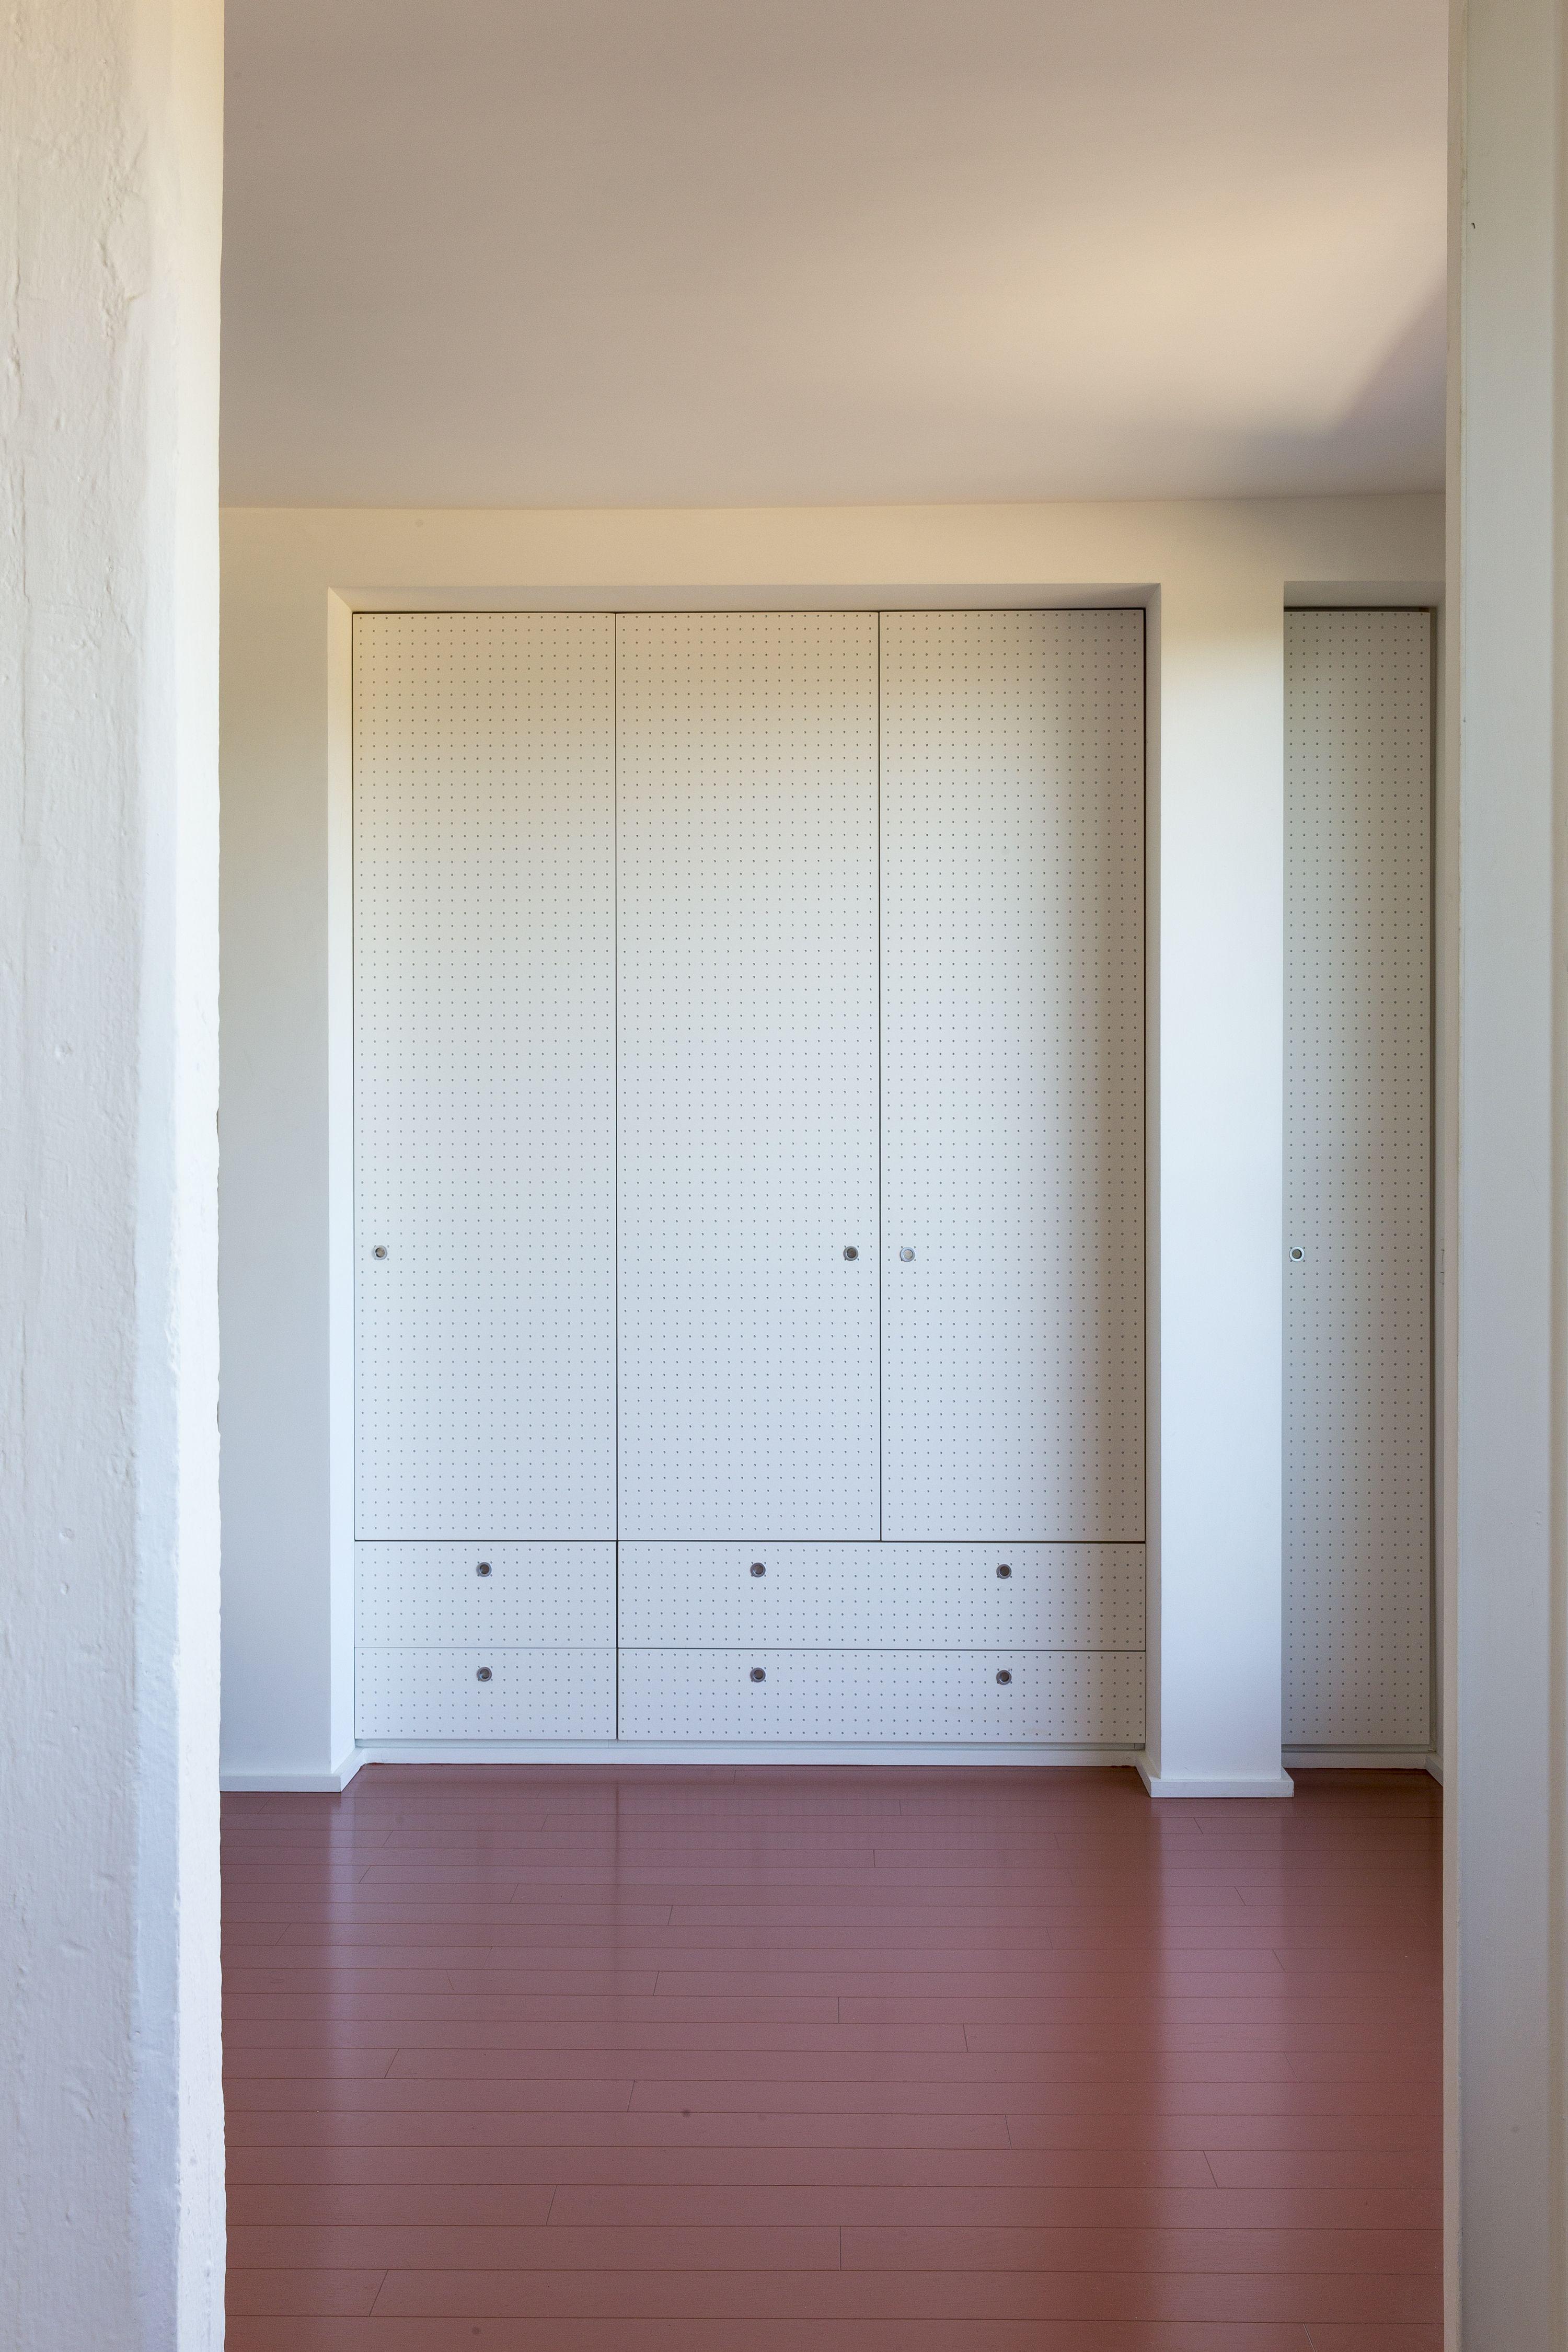 Peinture au sol couleur terracotta dans cet appartement italien